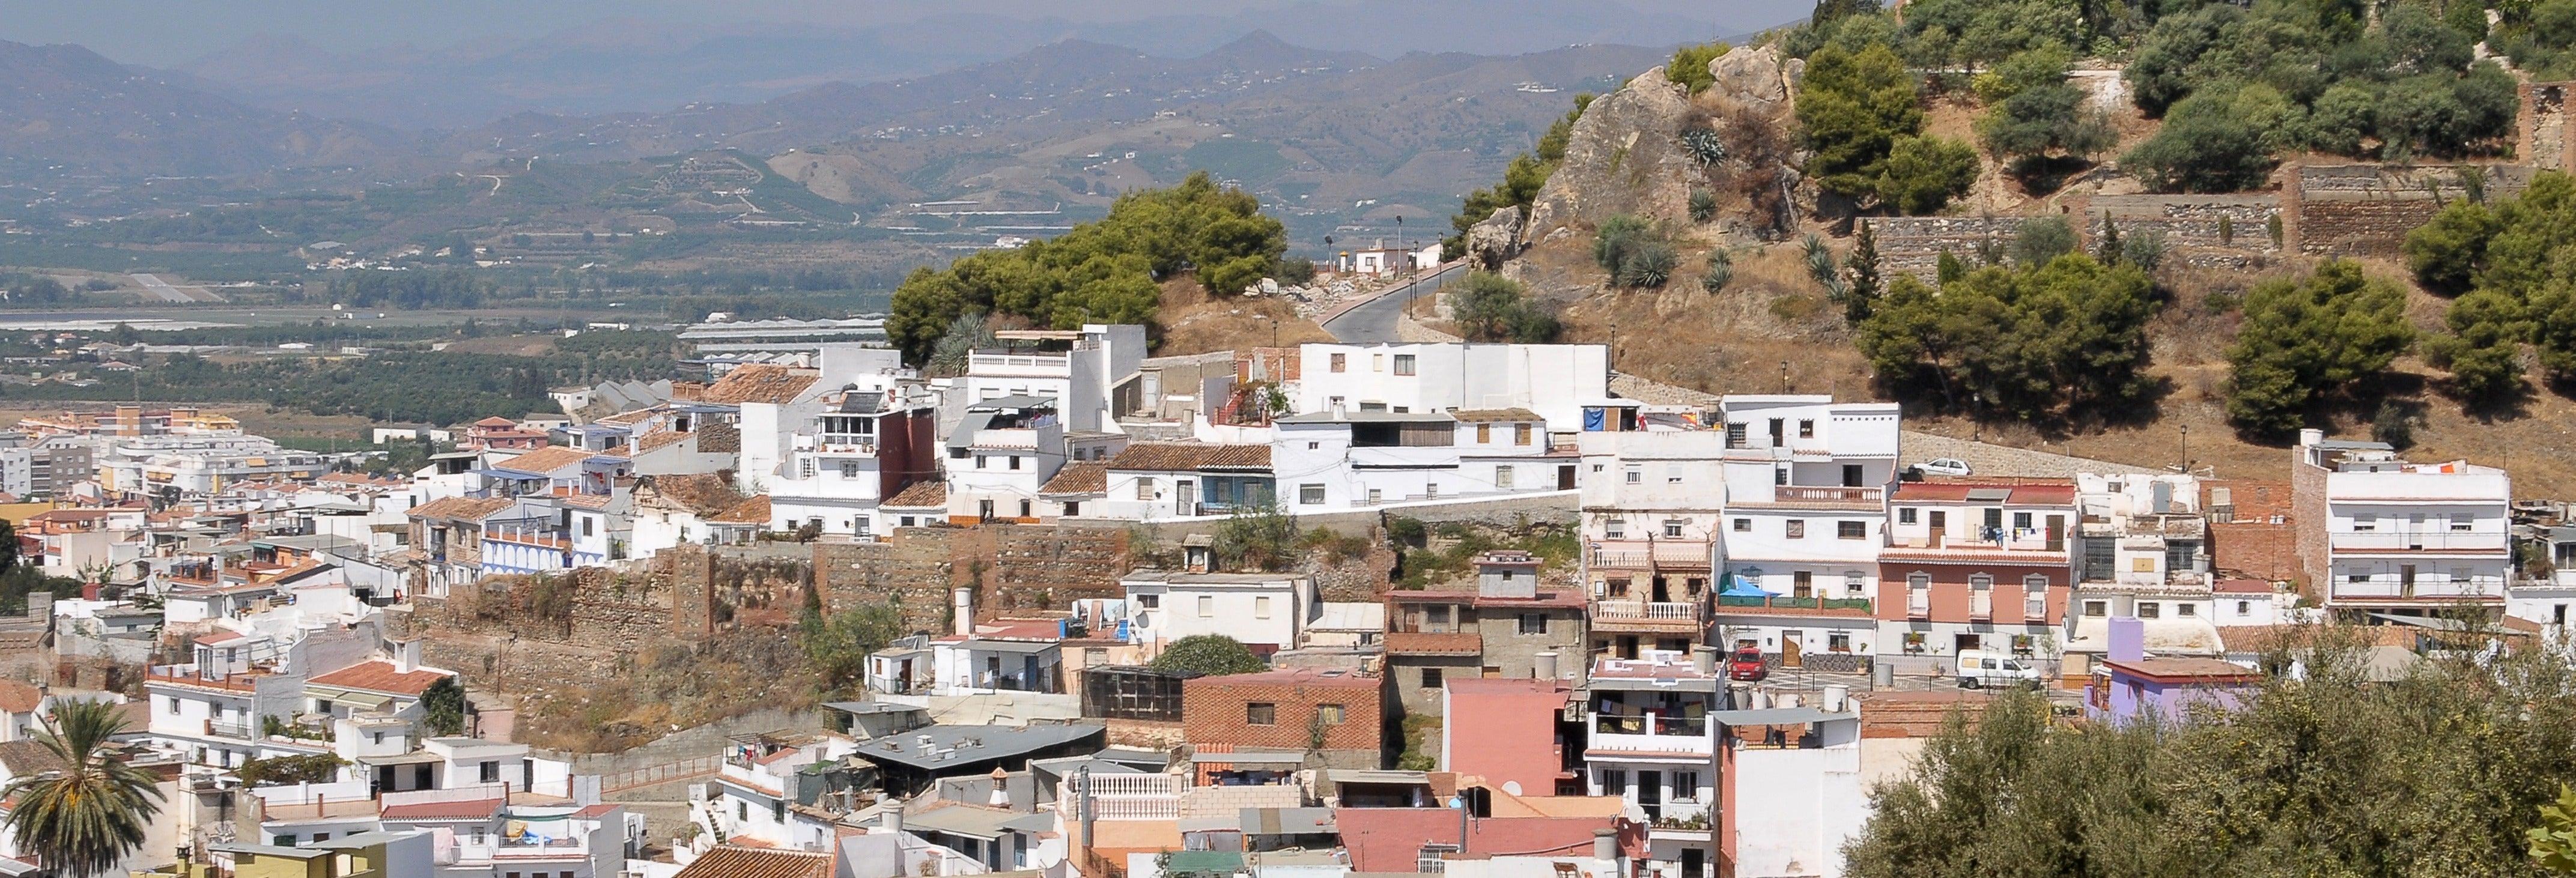 Velez-Malaga Day Trip